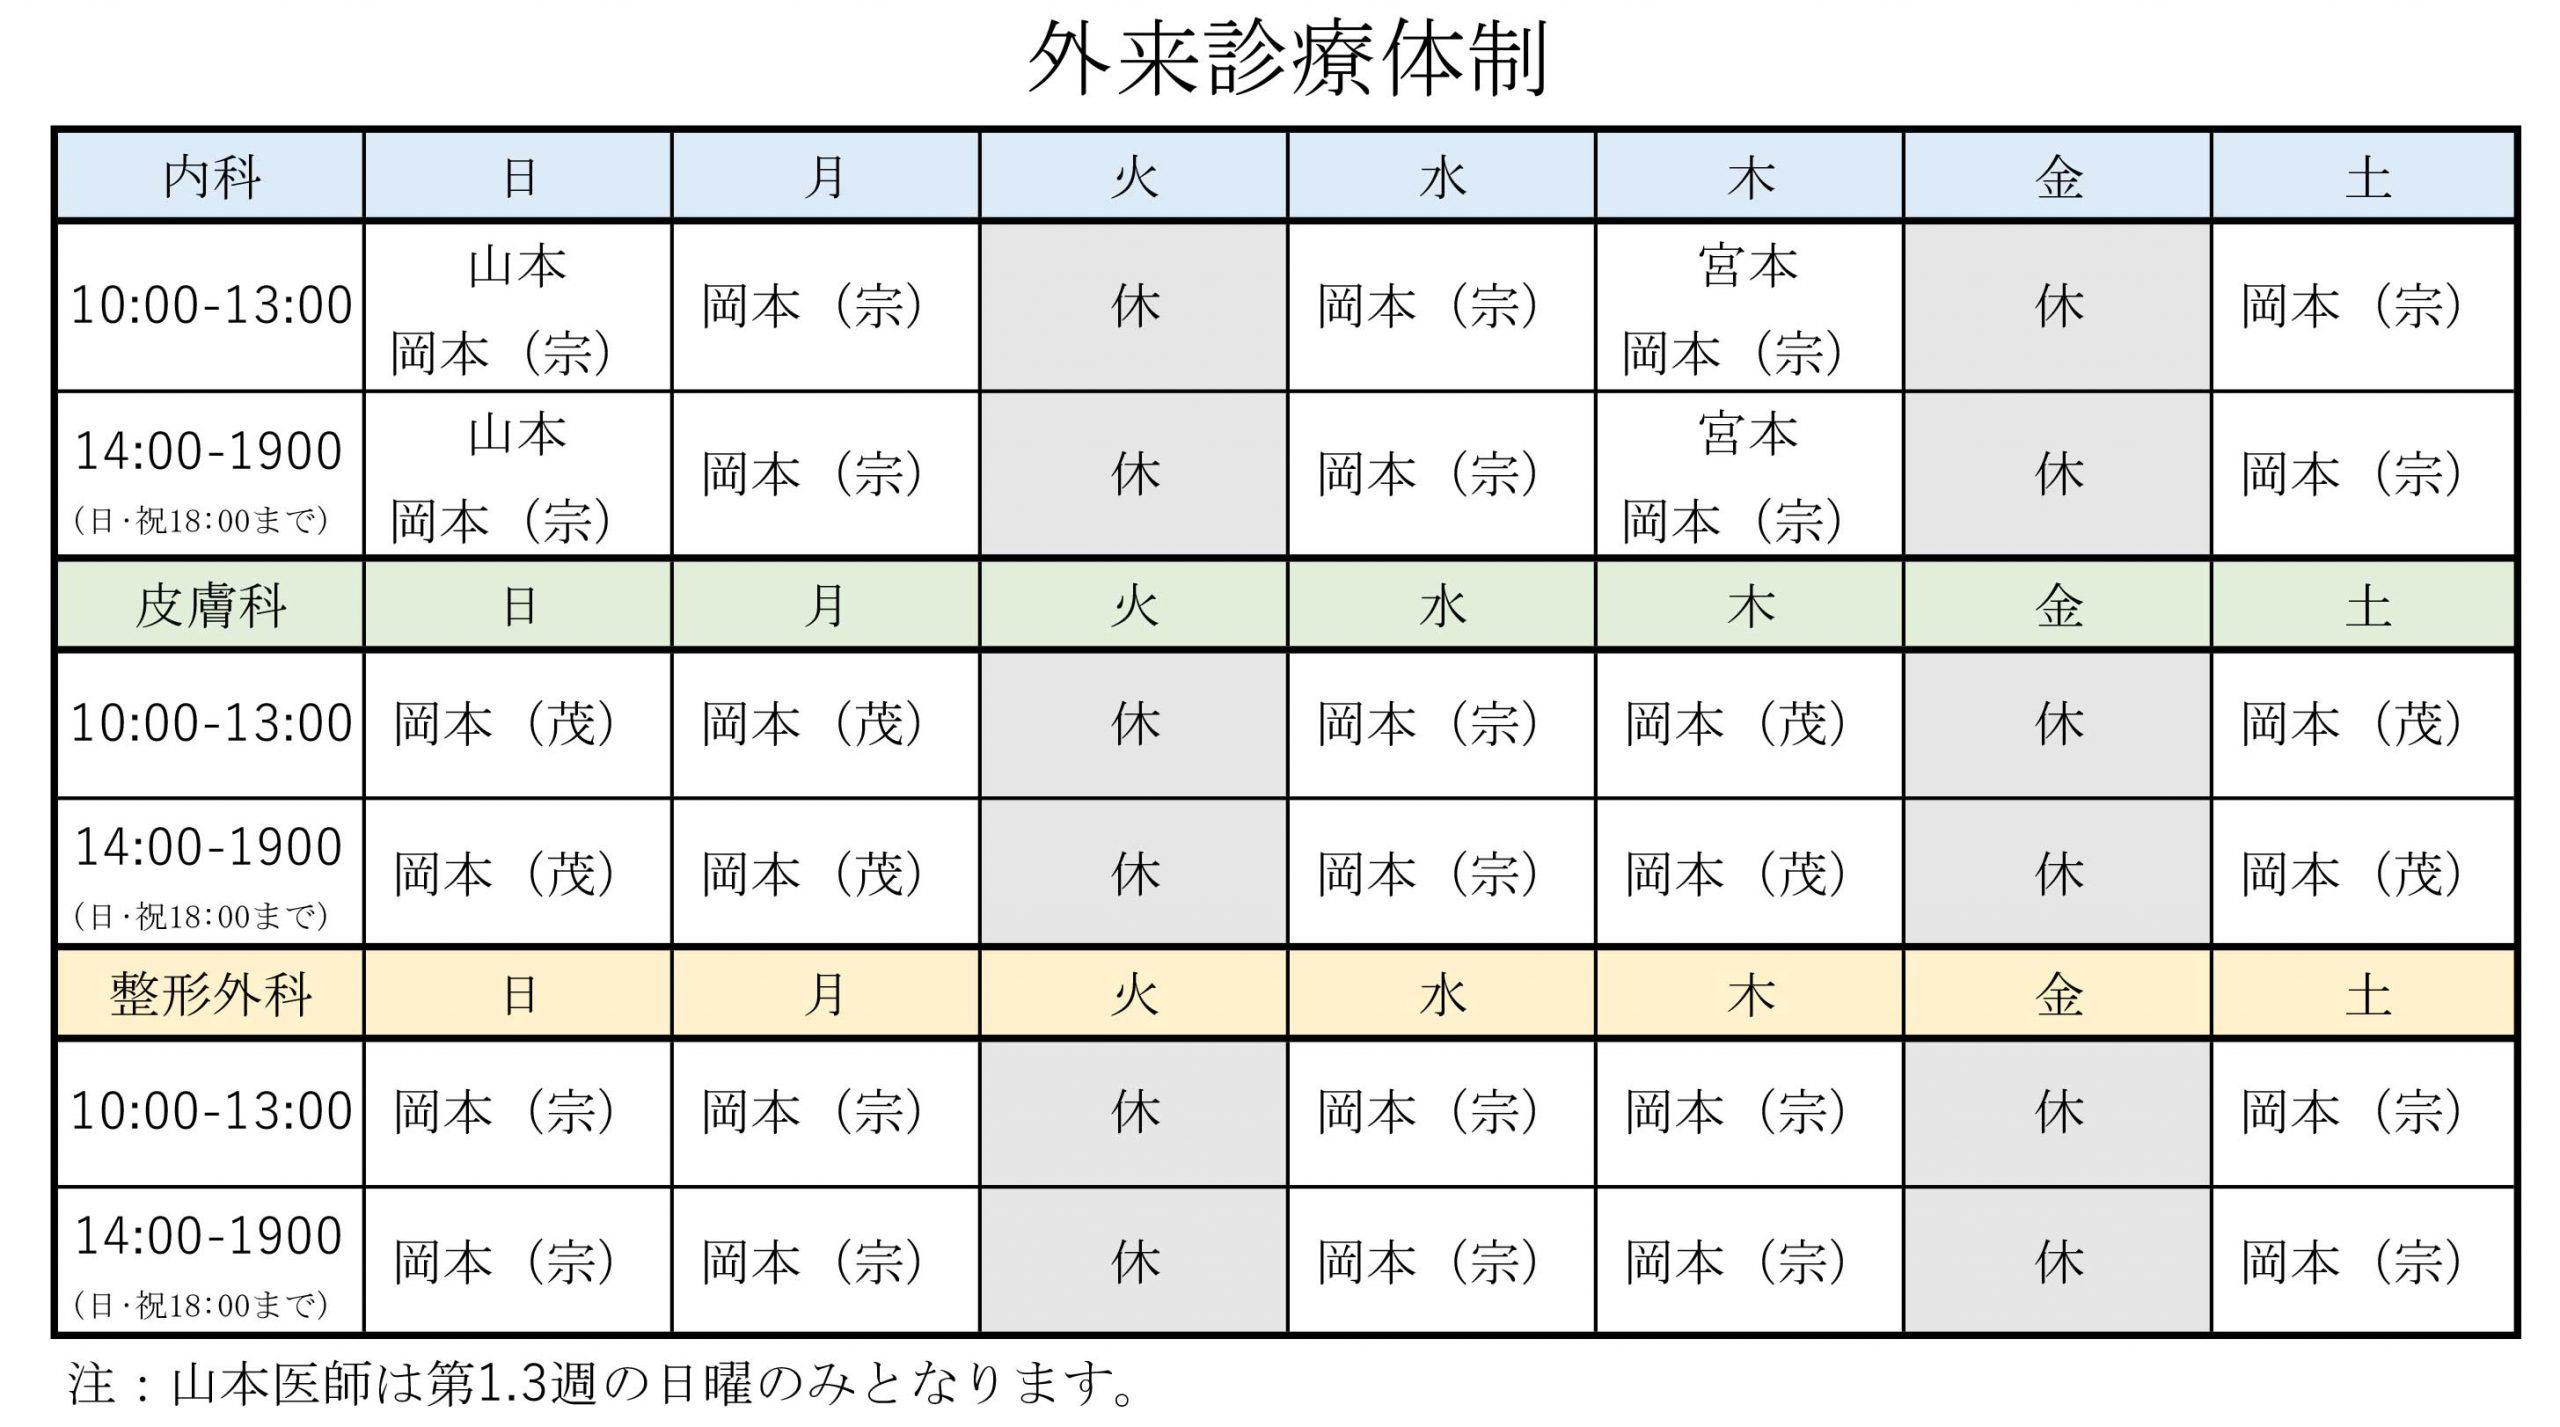 外来診療体制表